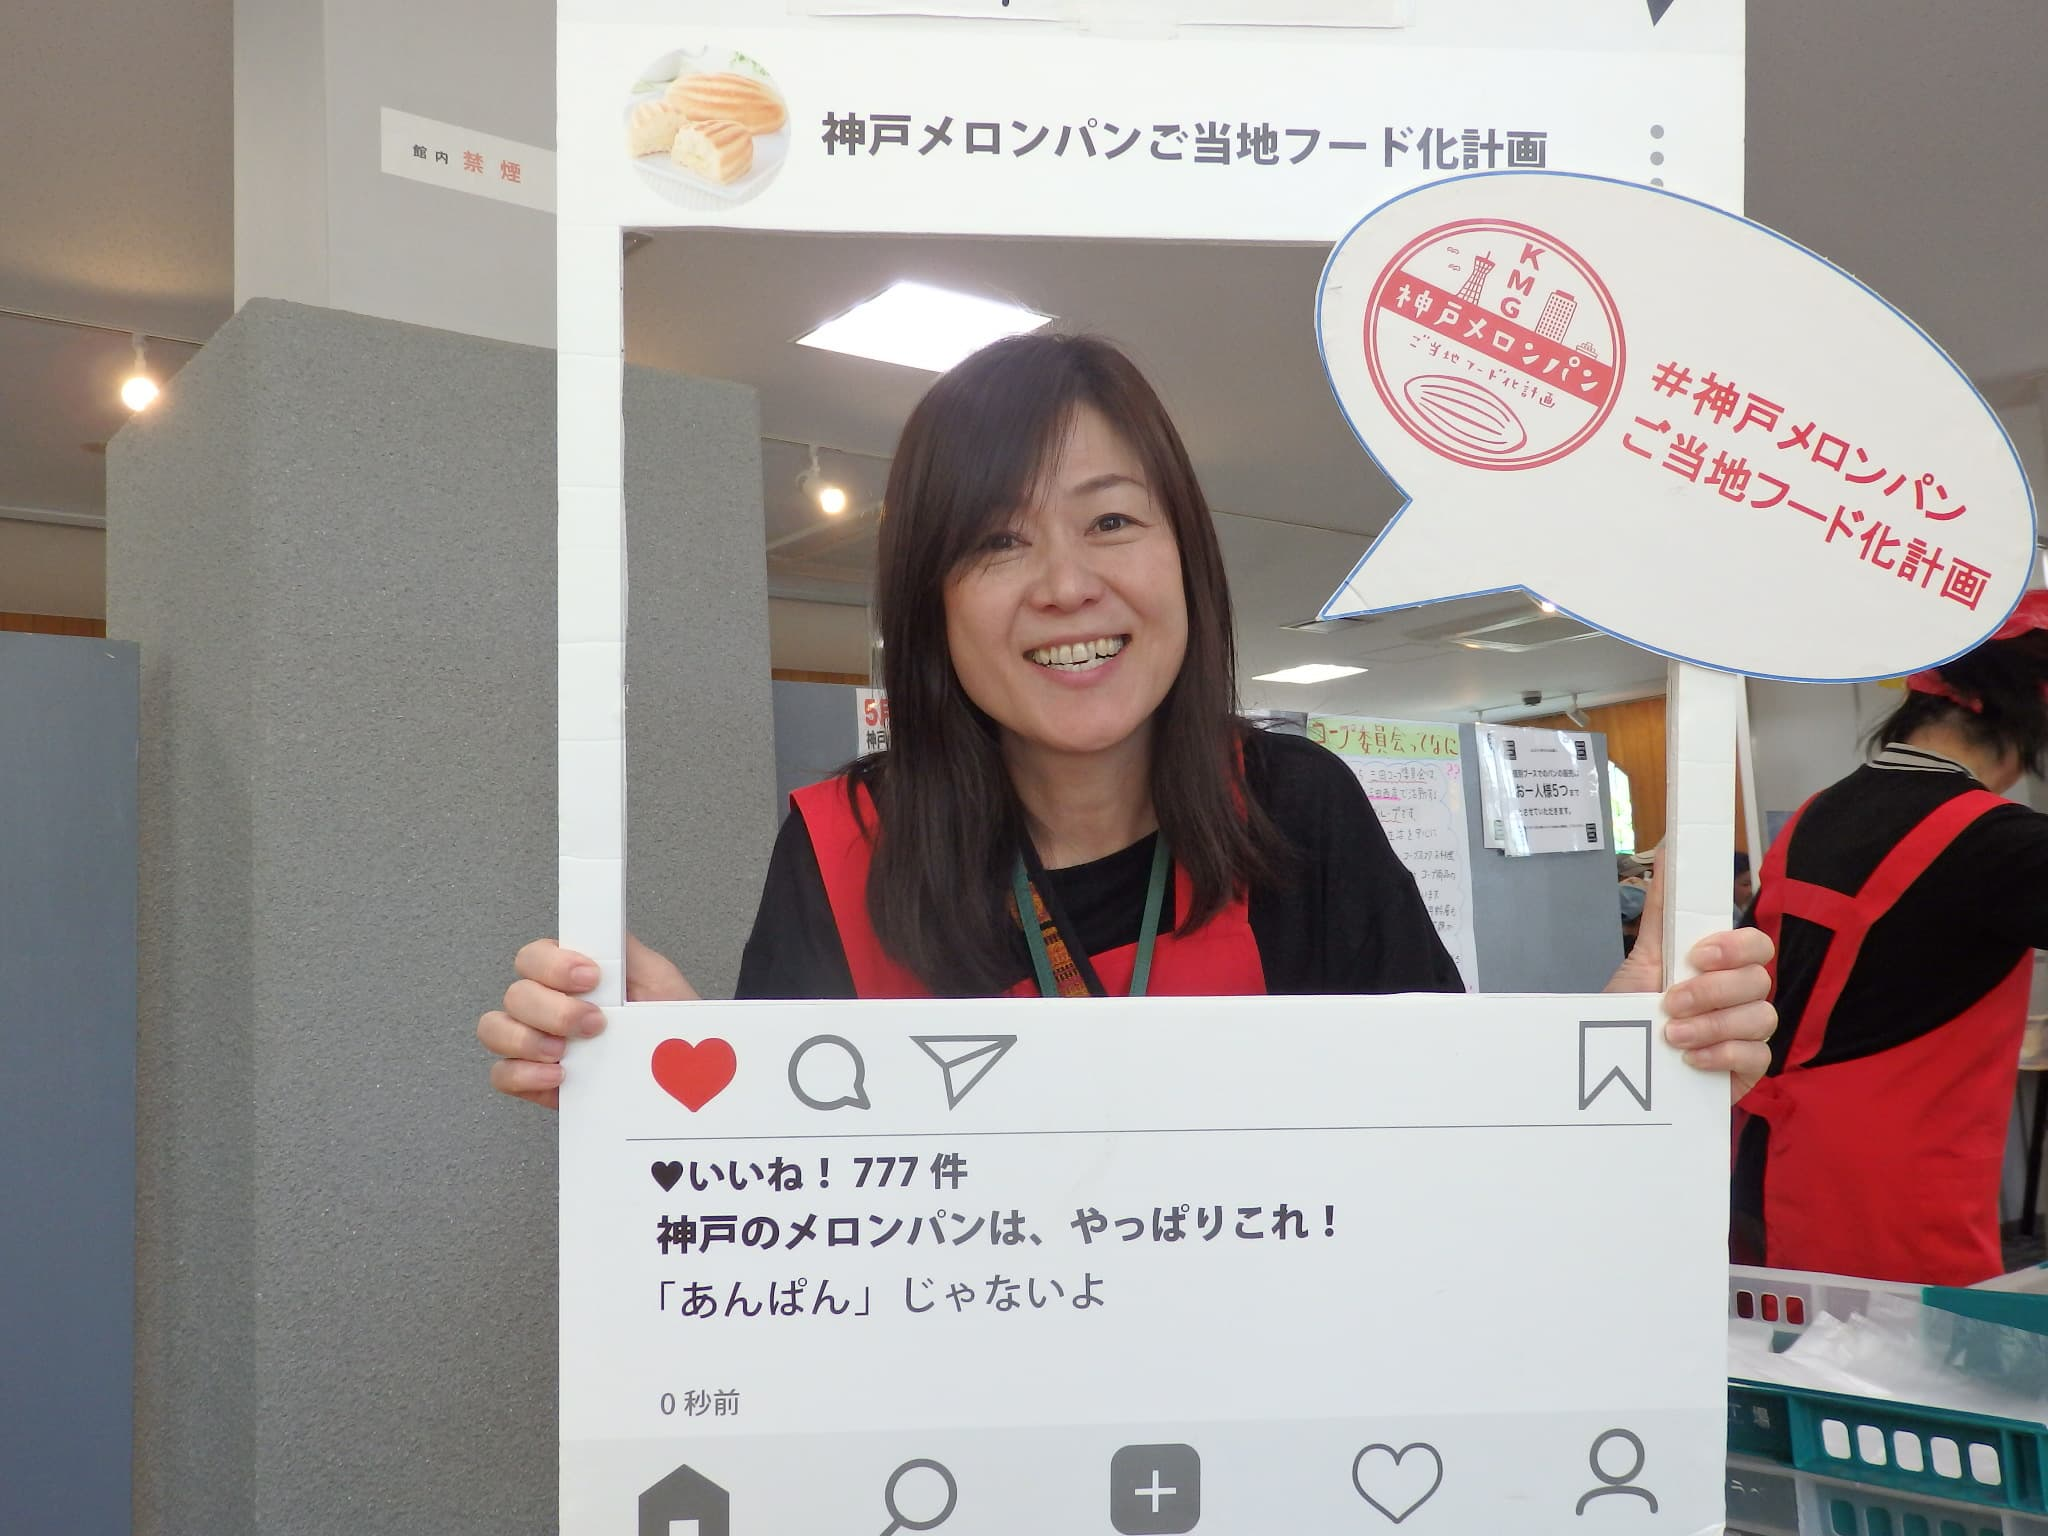 三田市パンまつり(KMG)小寺さん (9).jpg